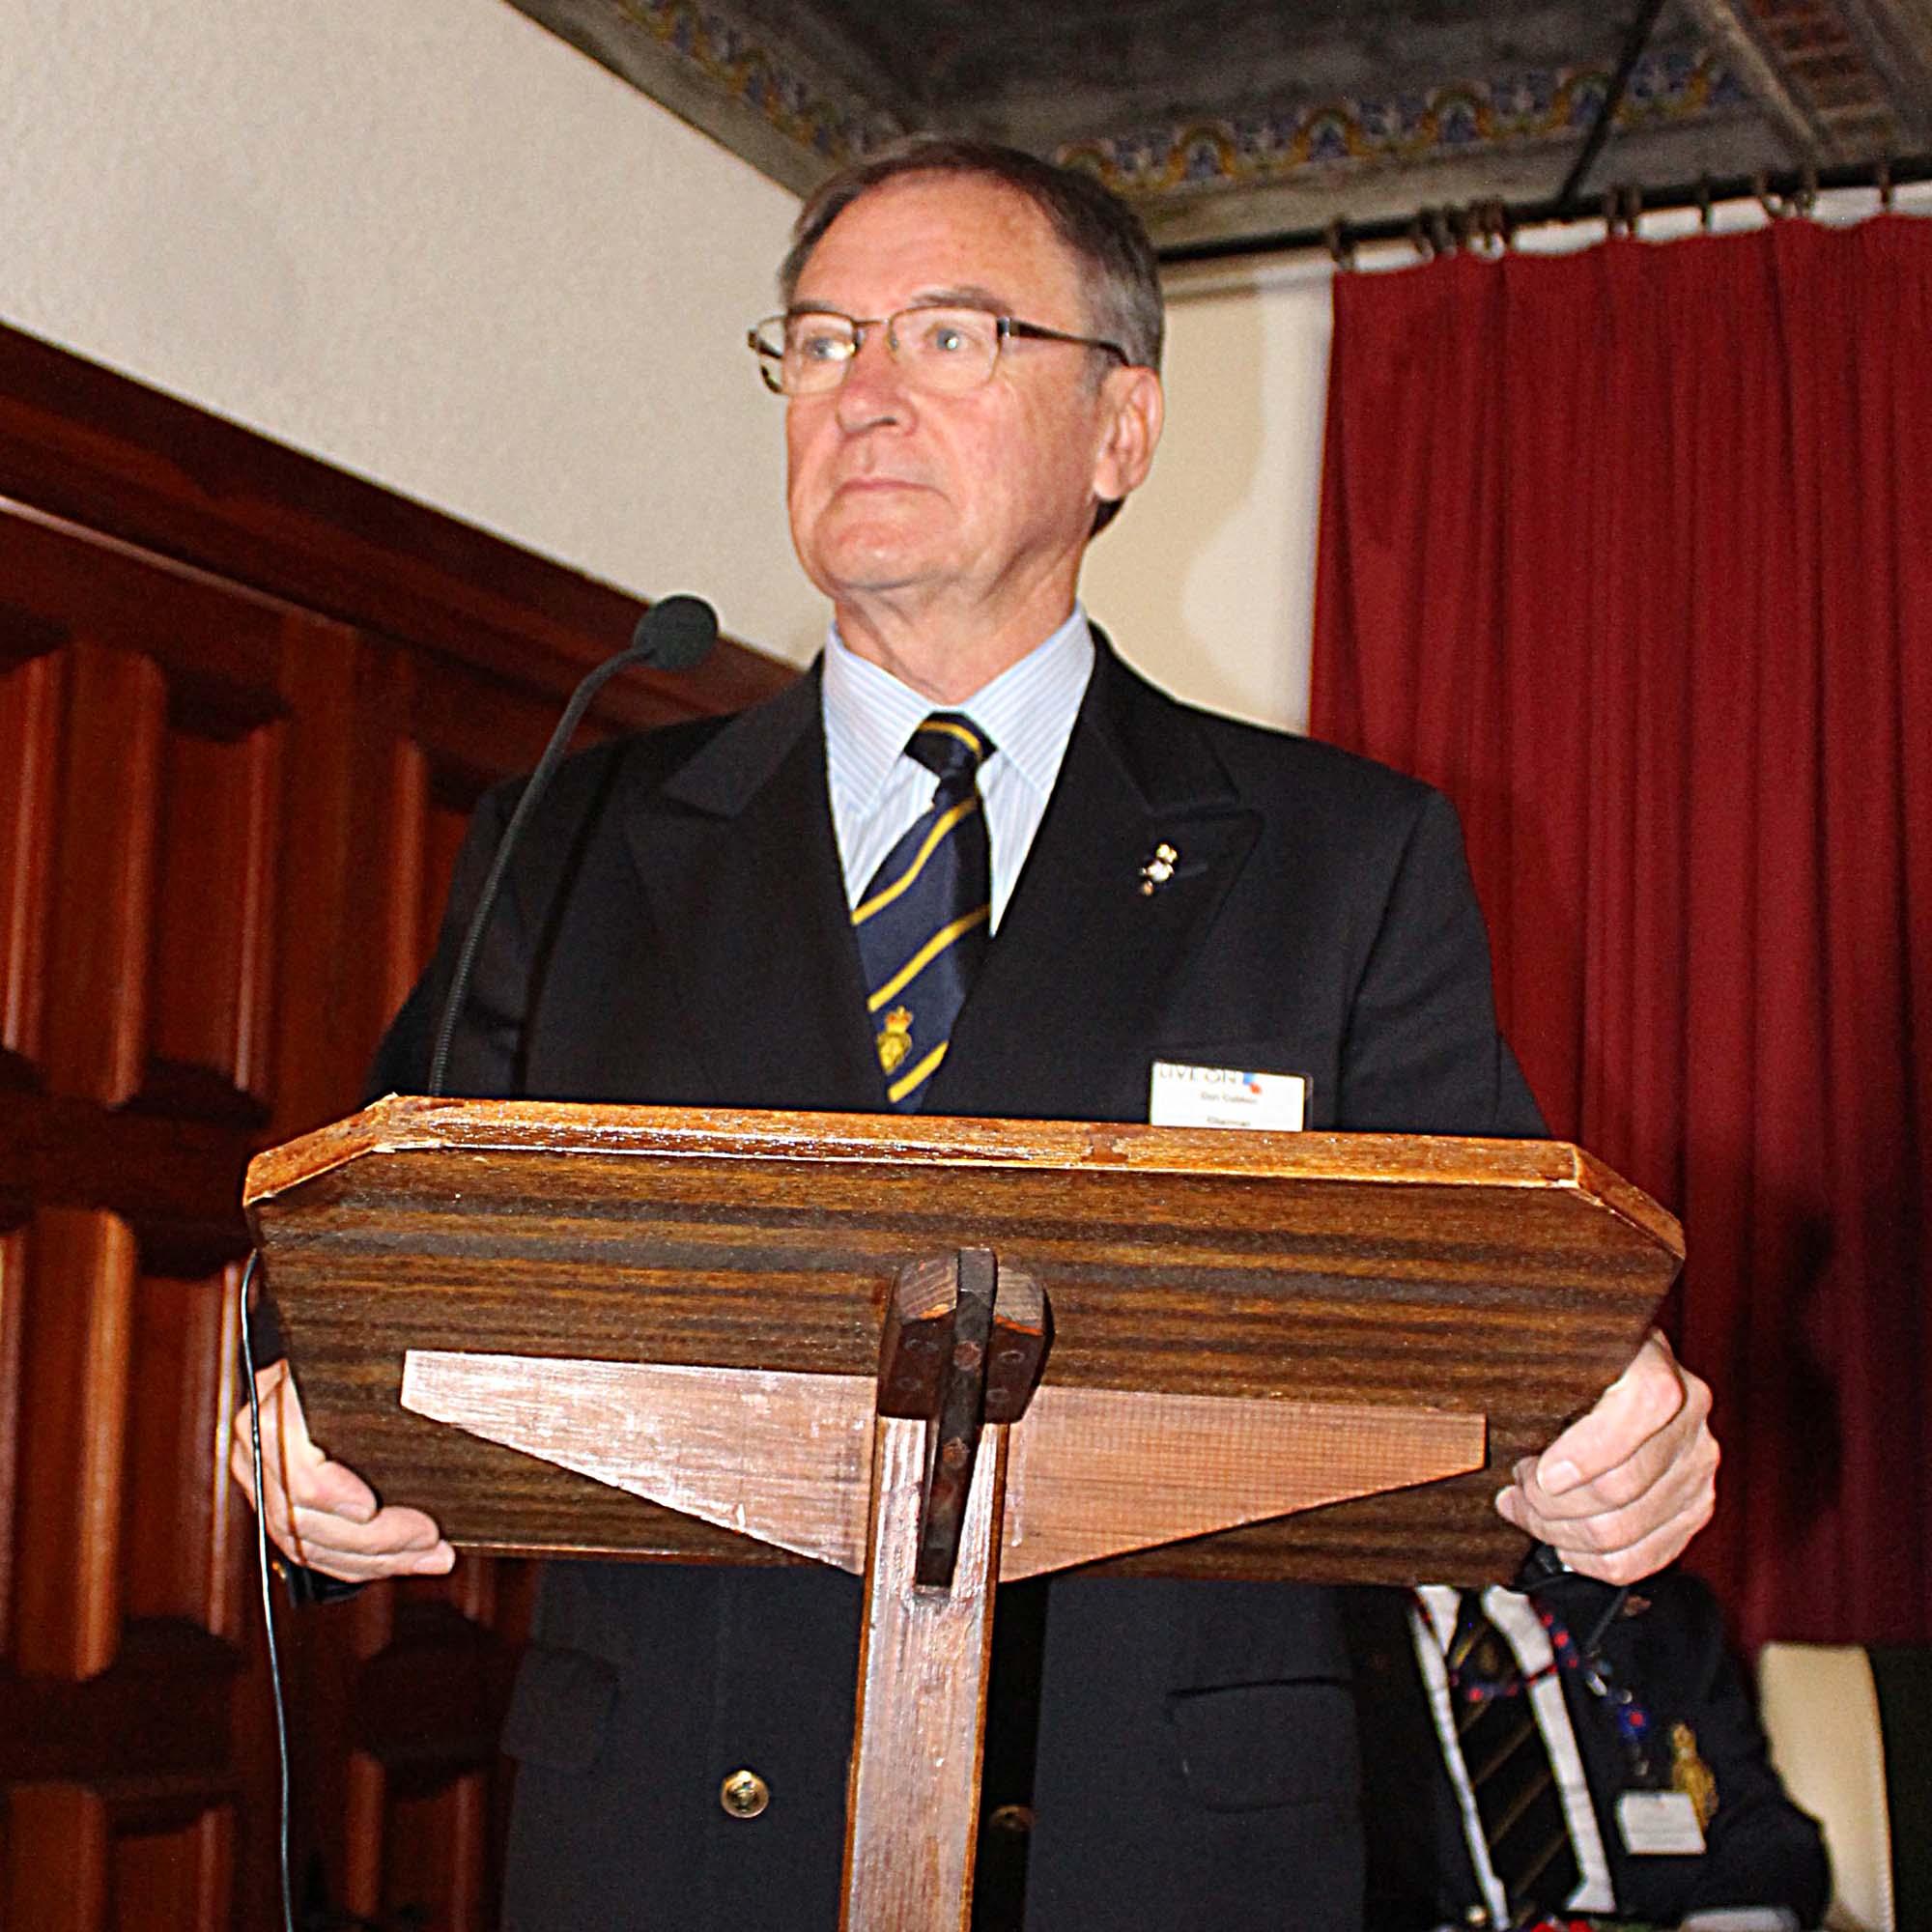 Chairman Don Cubbon